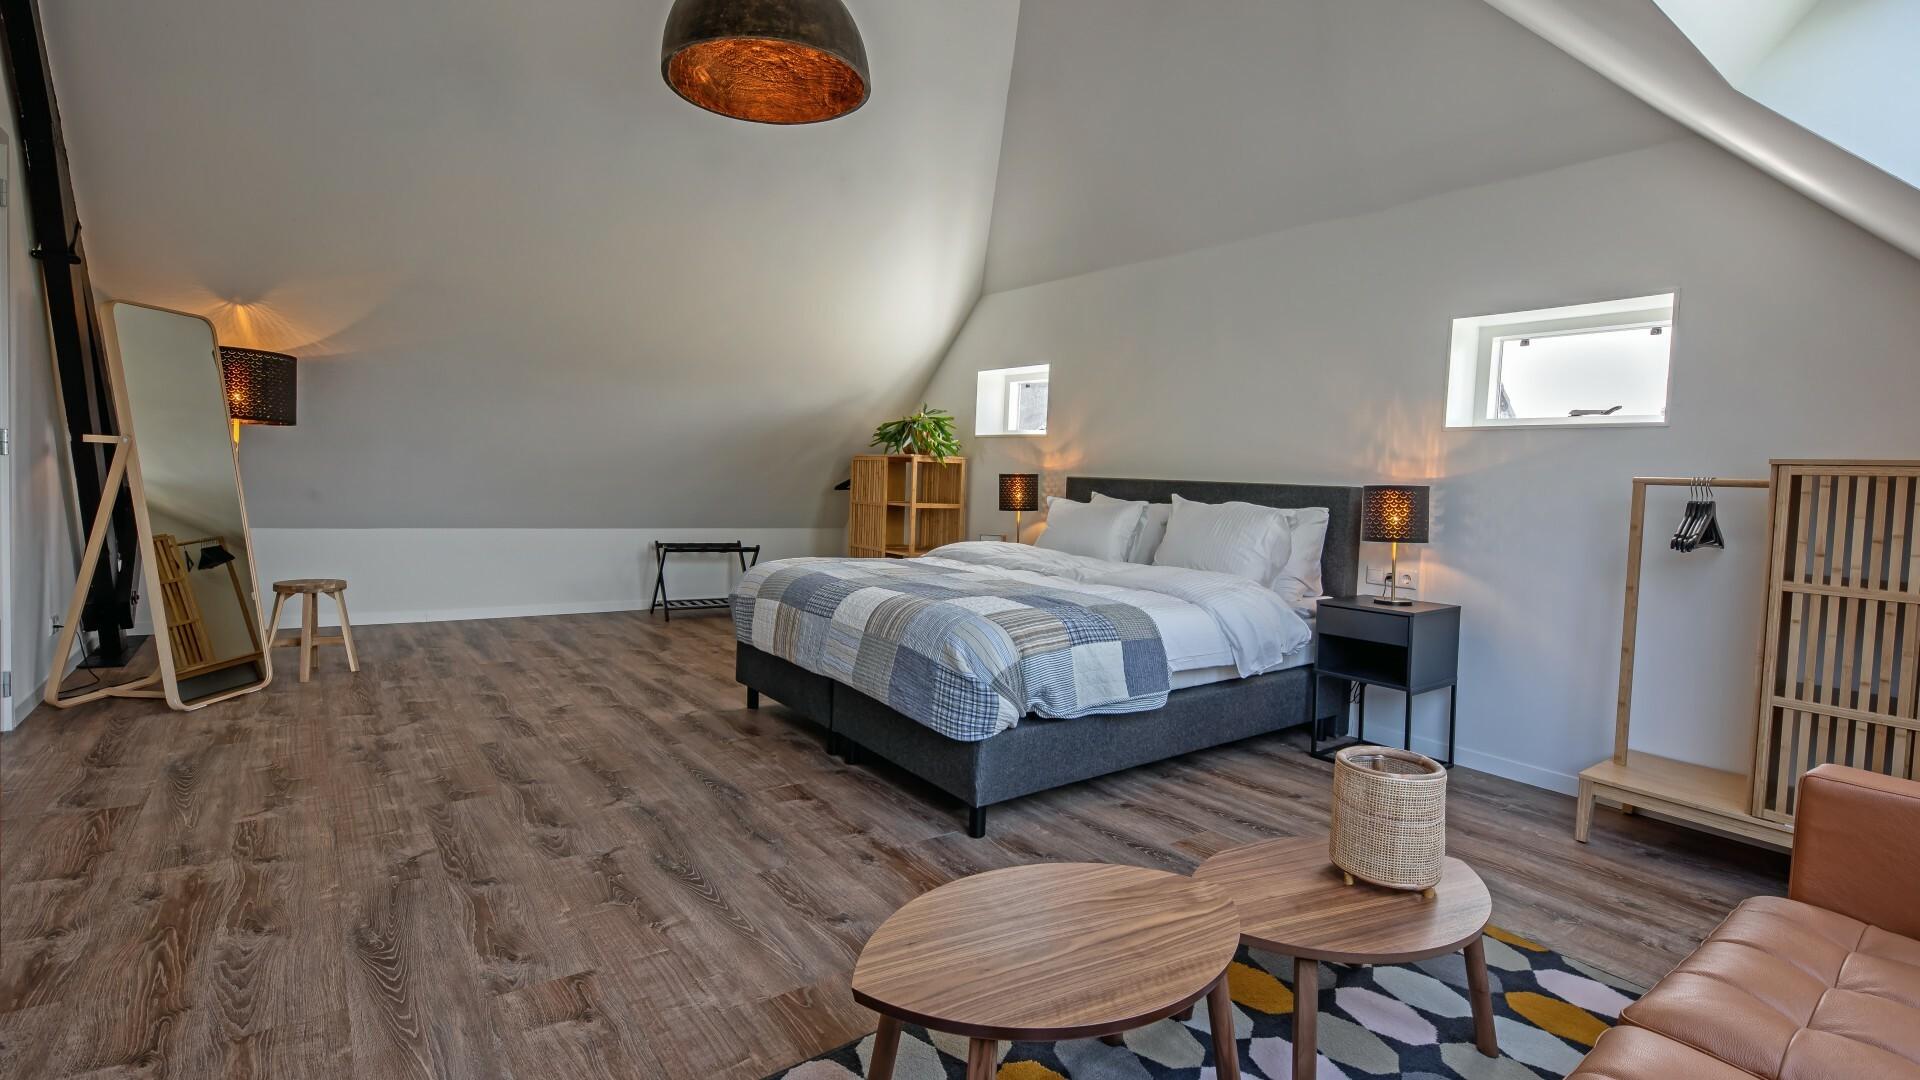 Bed and breakfast landhys noorderhaeks VVV Texel Justin Sinner